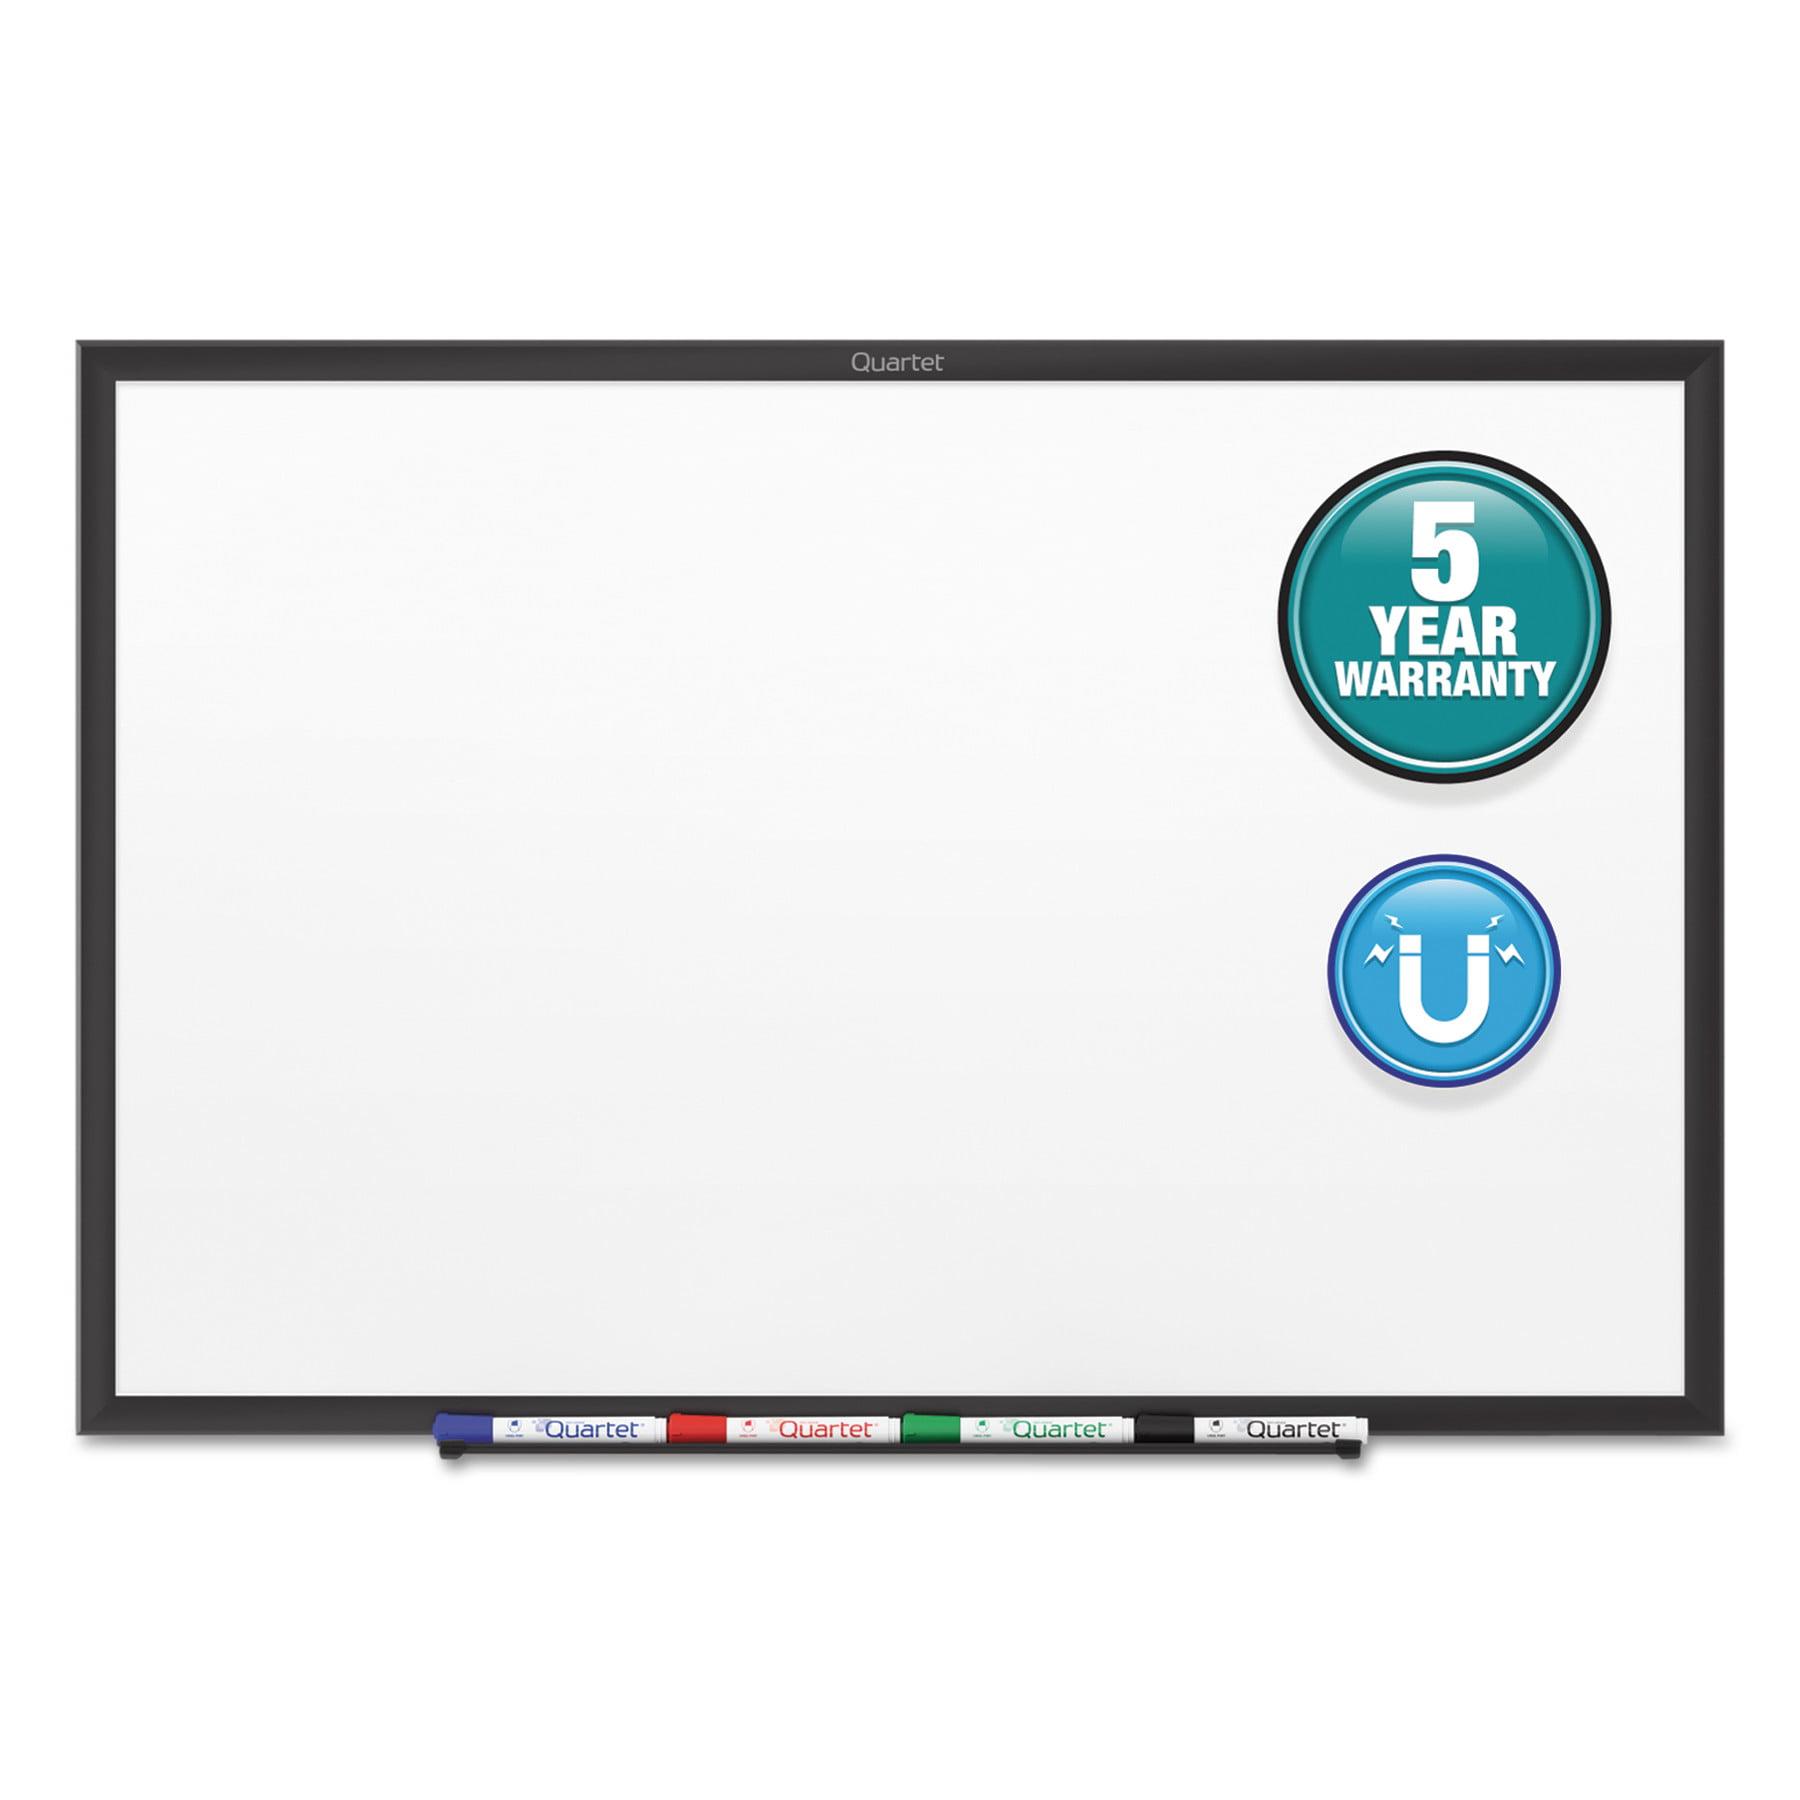 Quartet Classic Series Nano-Clean Dry Erase Board, 36 x 24, Black Aluminum Frame -QRTSM533B